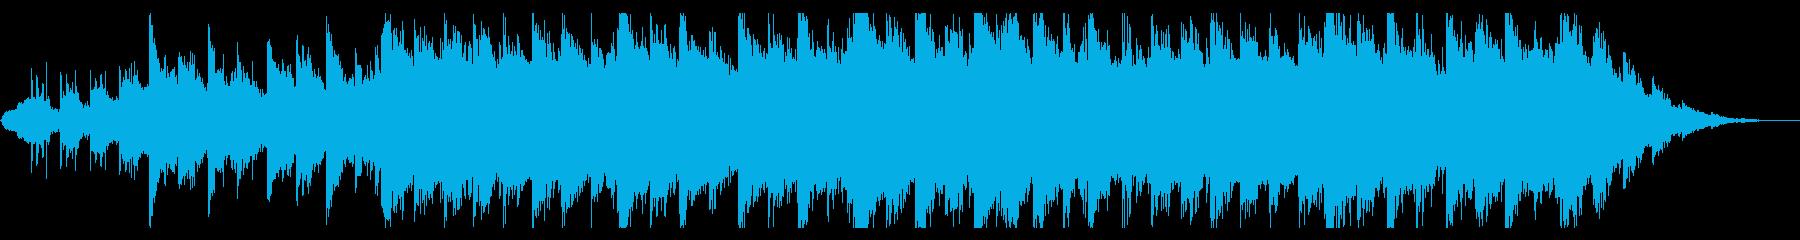 篠笛の生演奏 壮大でキラキラ和風BGMの再生済みの波形